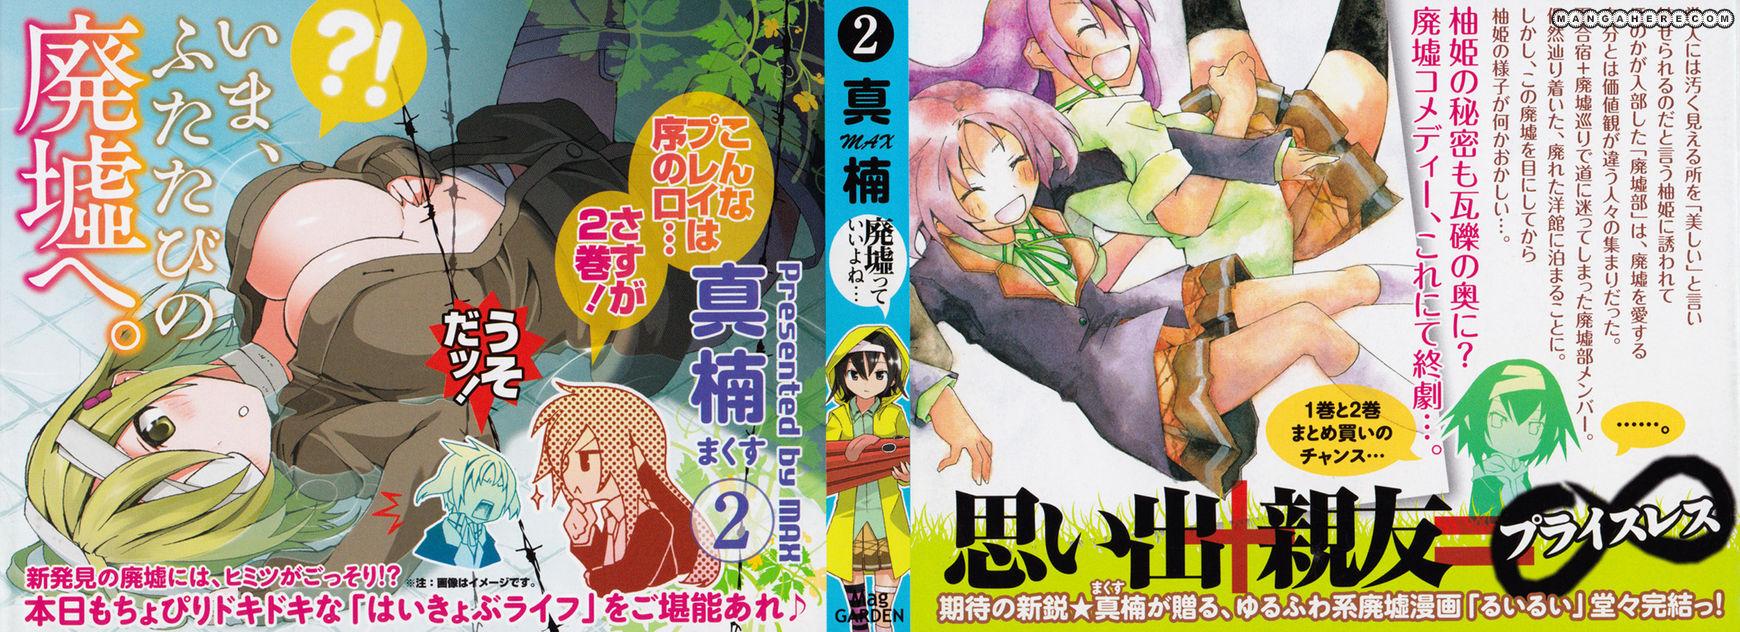 Rui-Rui 8 Page 3